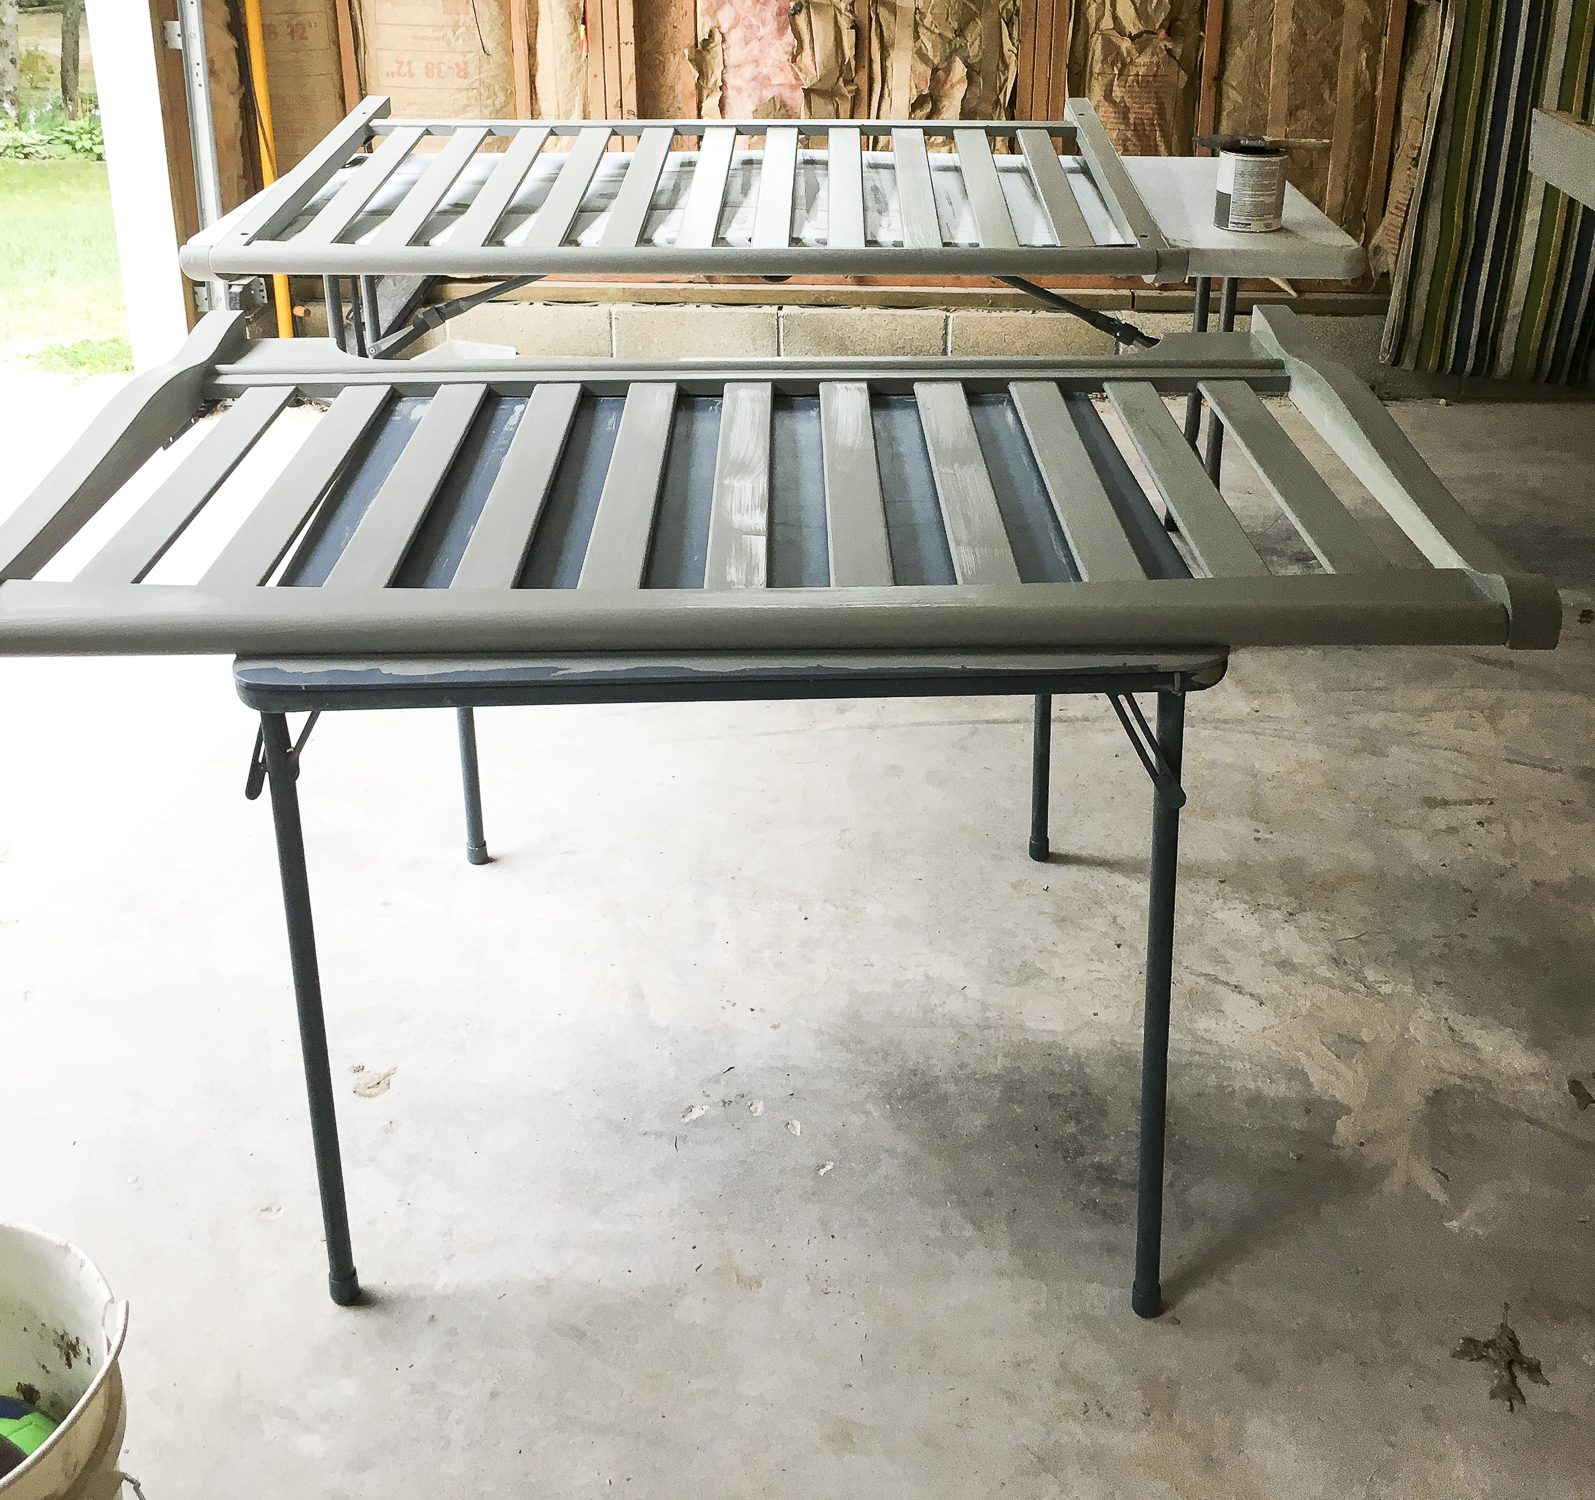 Rustoleum Paint Review- Set Up www.graceinmyspace.com